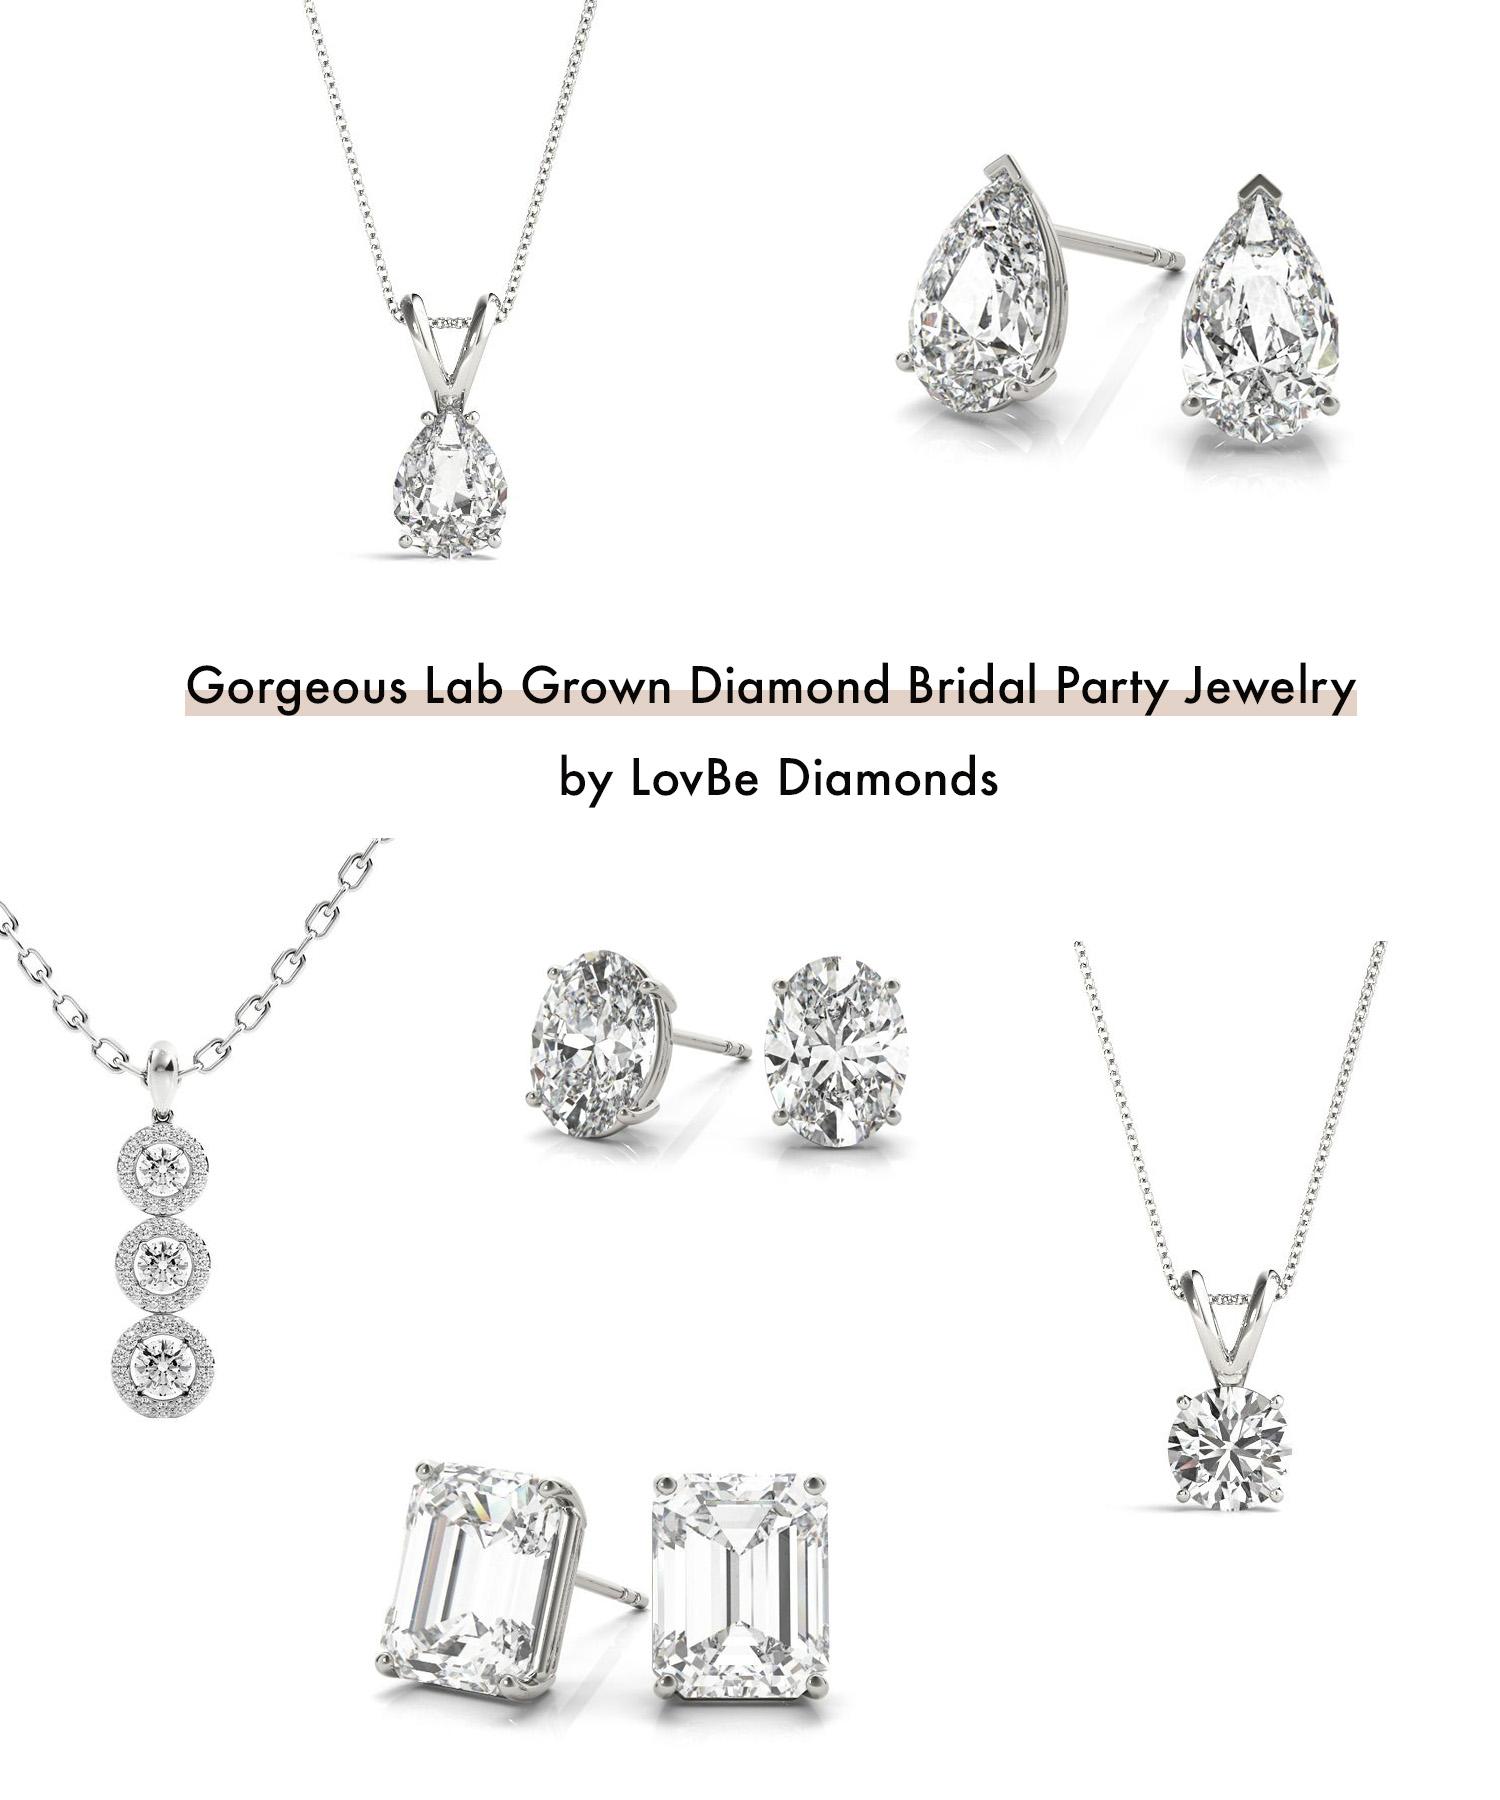 Lab Grown Diamond Bridal Party Jewelry LovBe Diamonds